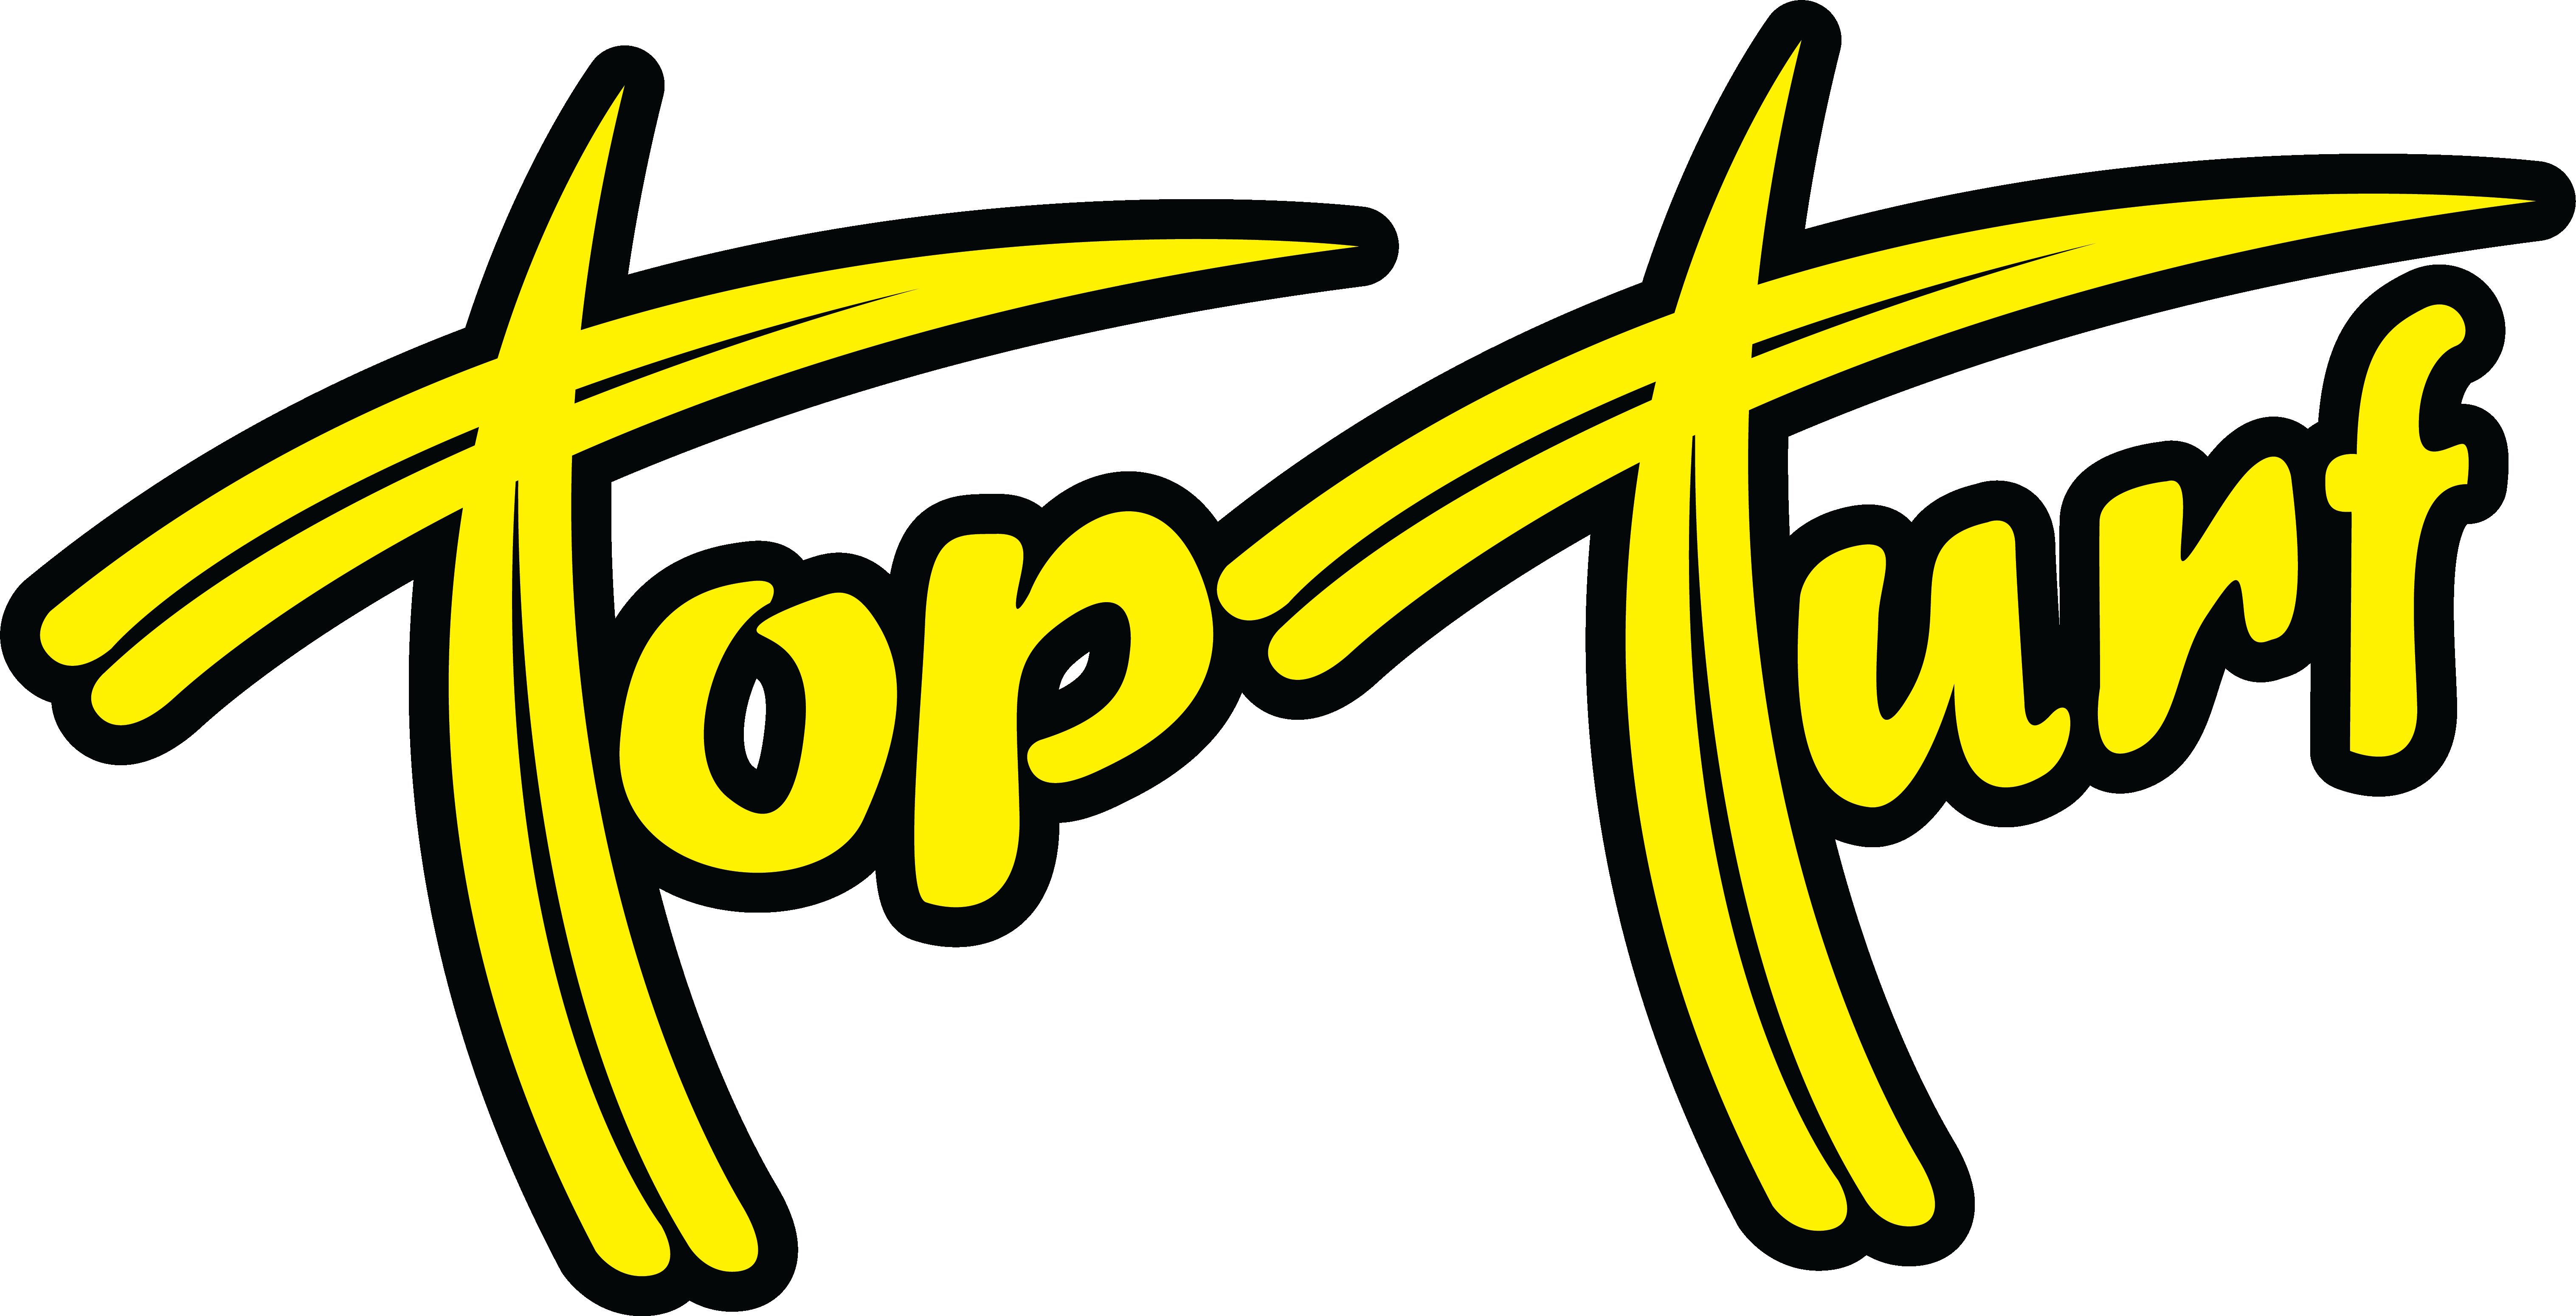 Top Turf logo large R